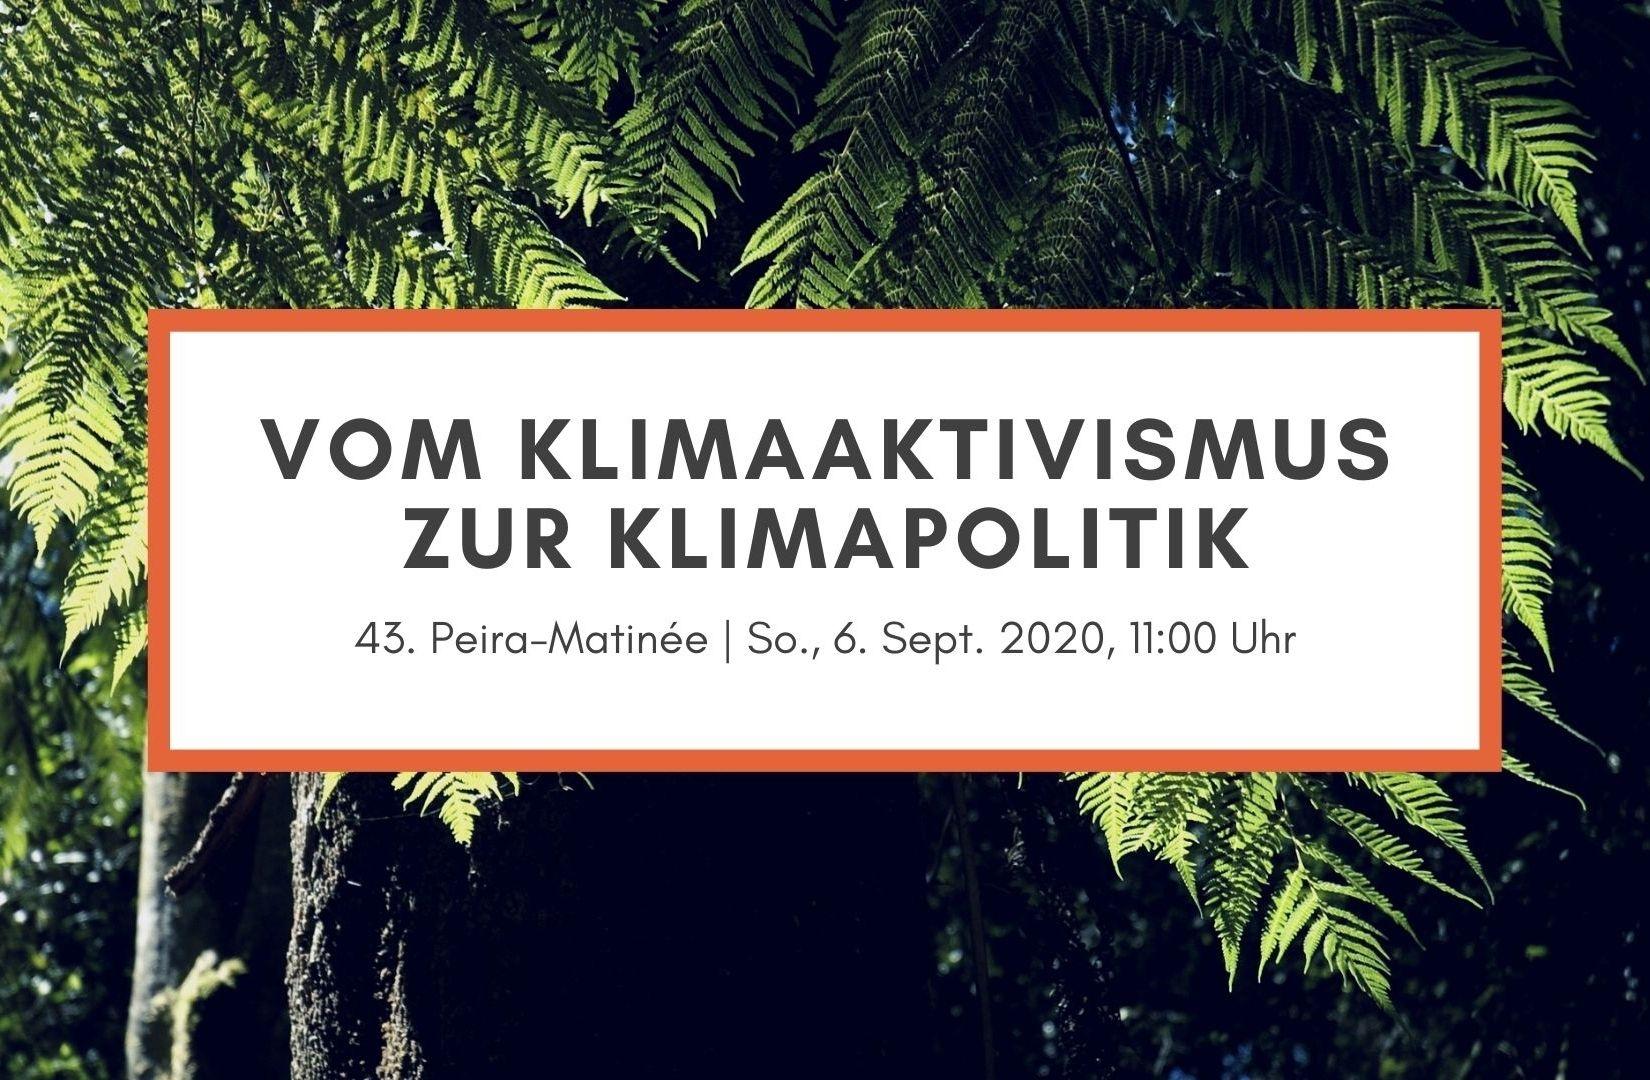 Vom Klimaaktivismus zur Klimapolitik. 43. Peira-Matinée am 6.9.2020 in Berlin. (Illustration: Neue Debatte)